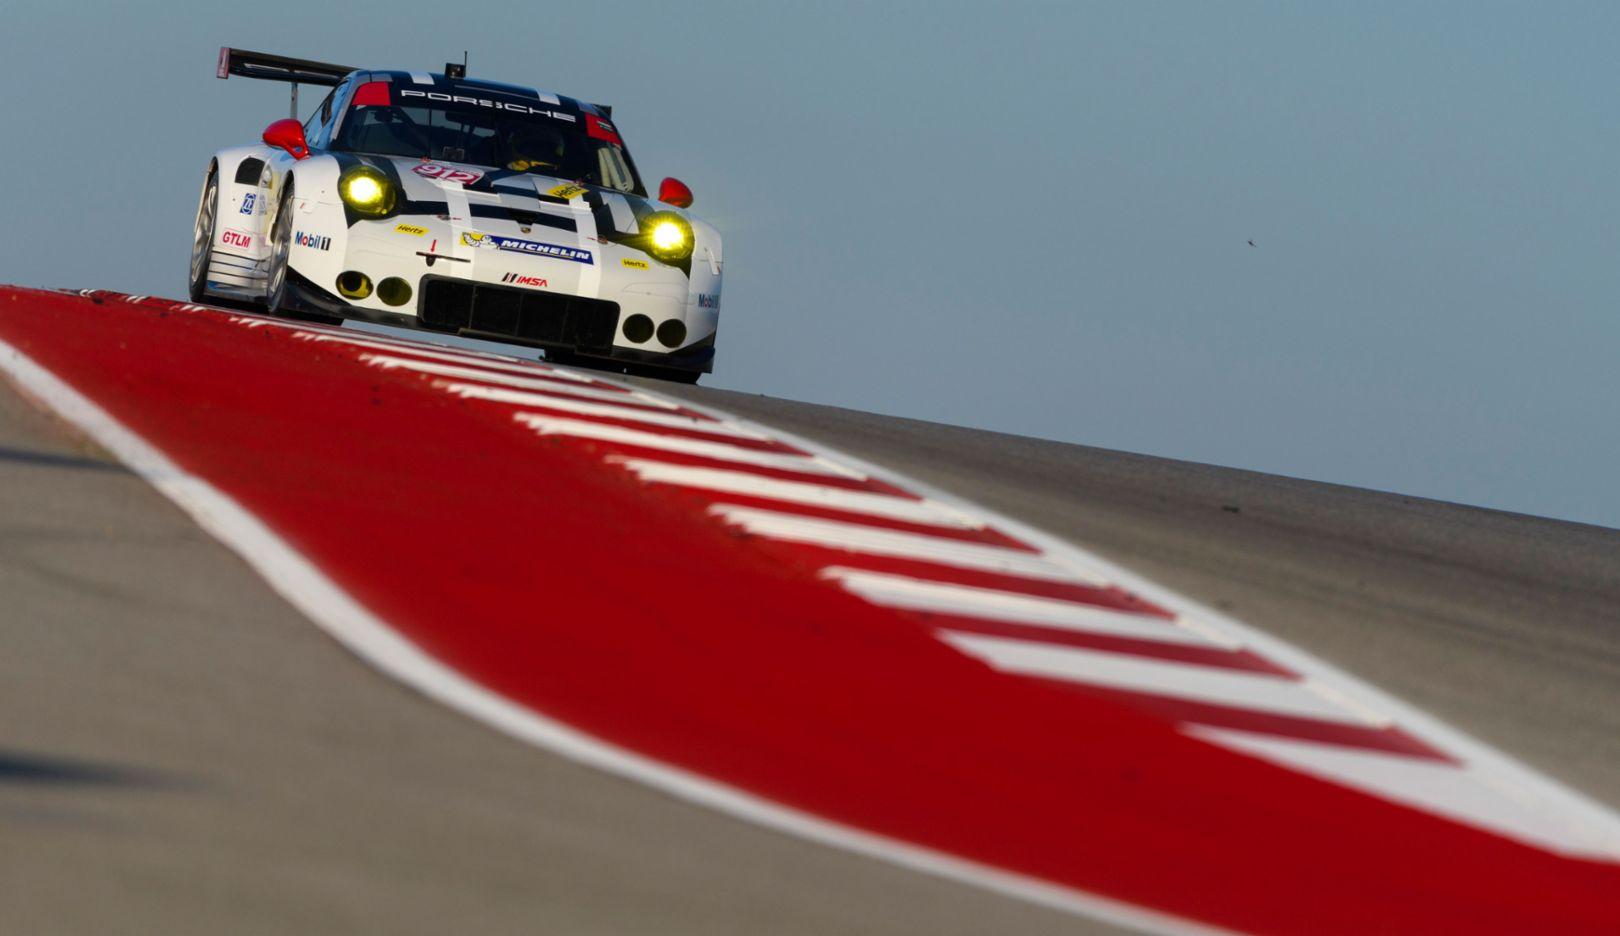 911 RSR, IMSA SportsCar Championship, Austin, 2016, Porsche AG